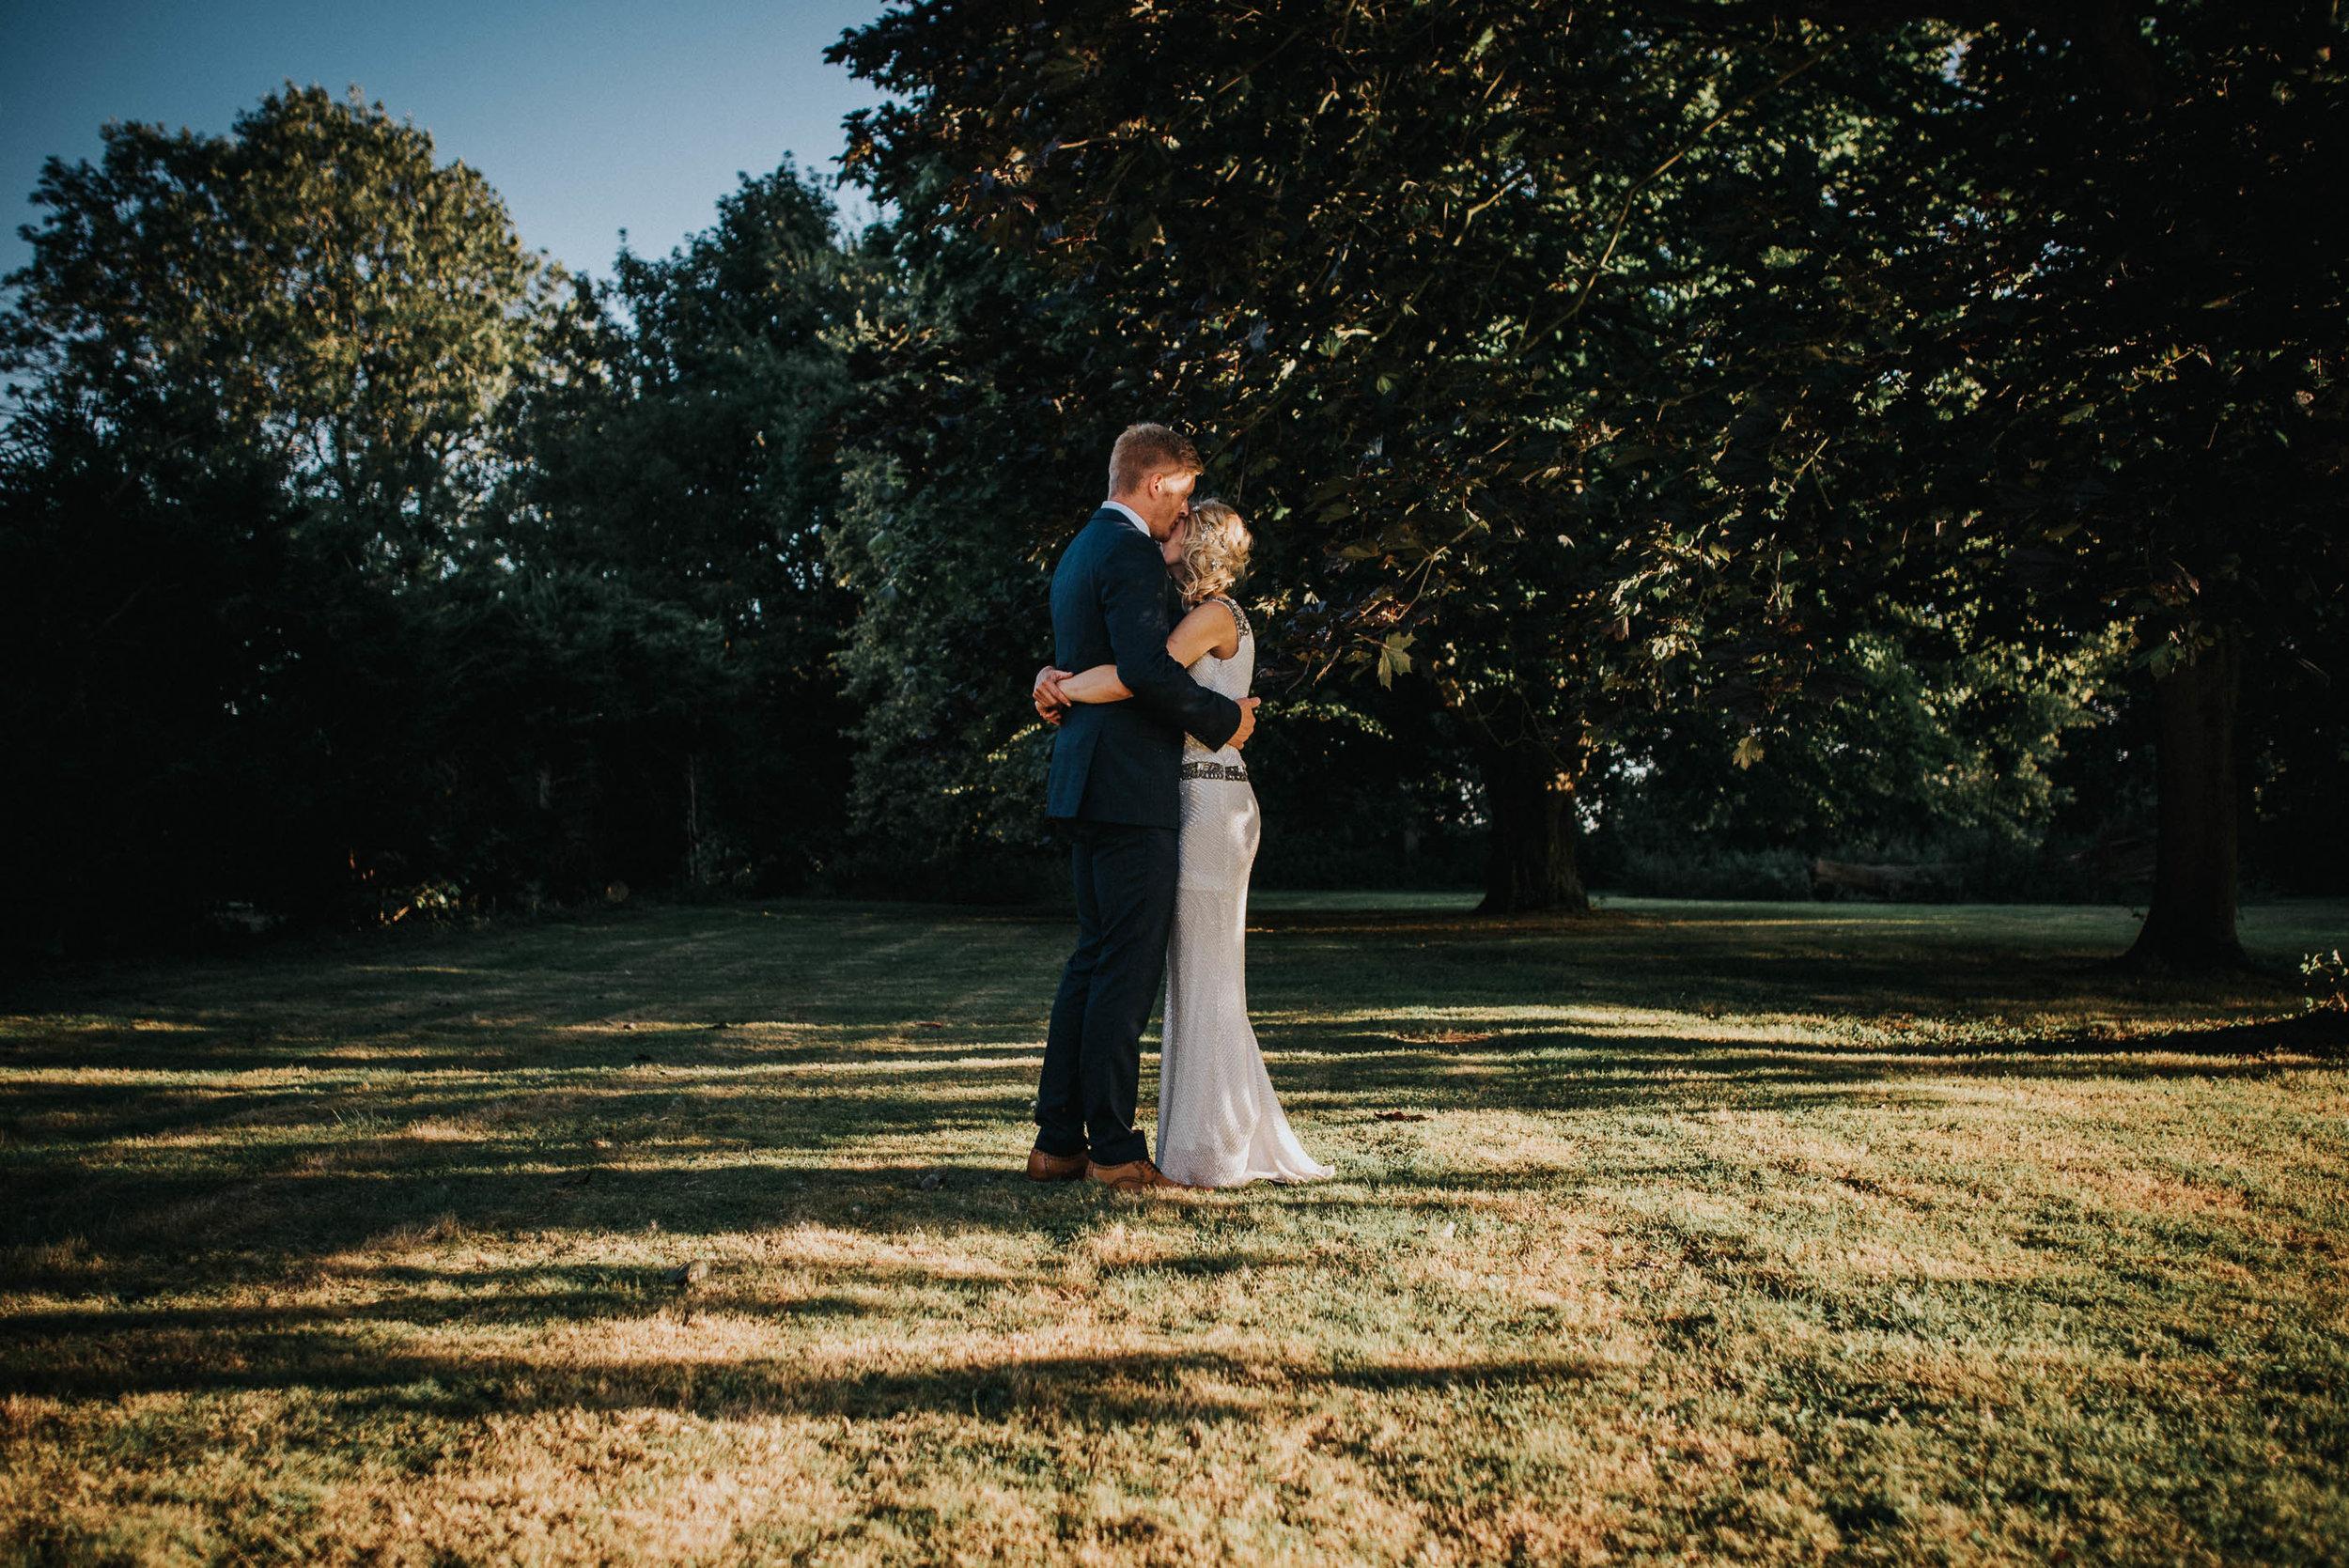 Creative Unique Wedding Photographer Essex Suffolk UK Wedding Photographer www.purplepeartreephotography.com (771).JPG